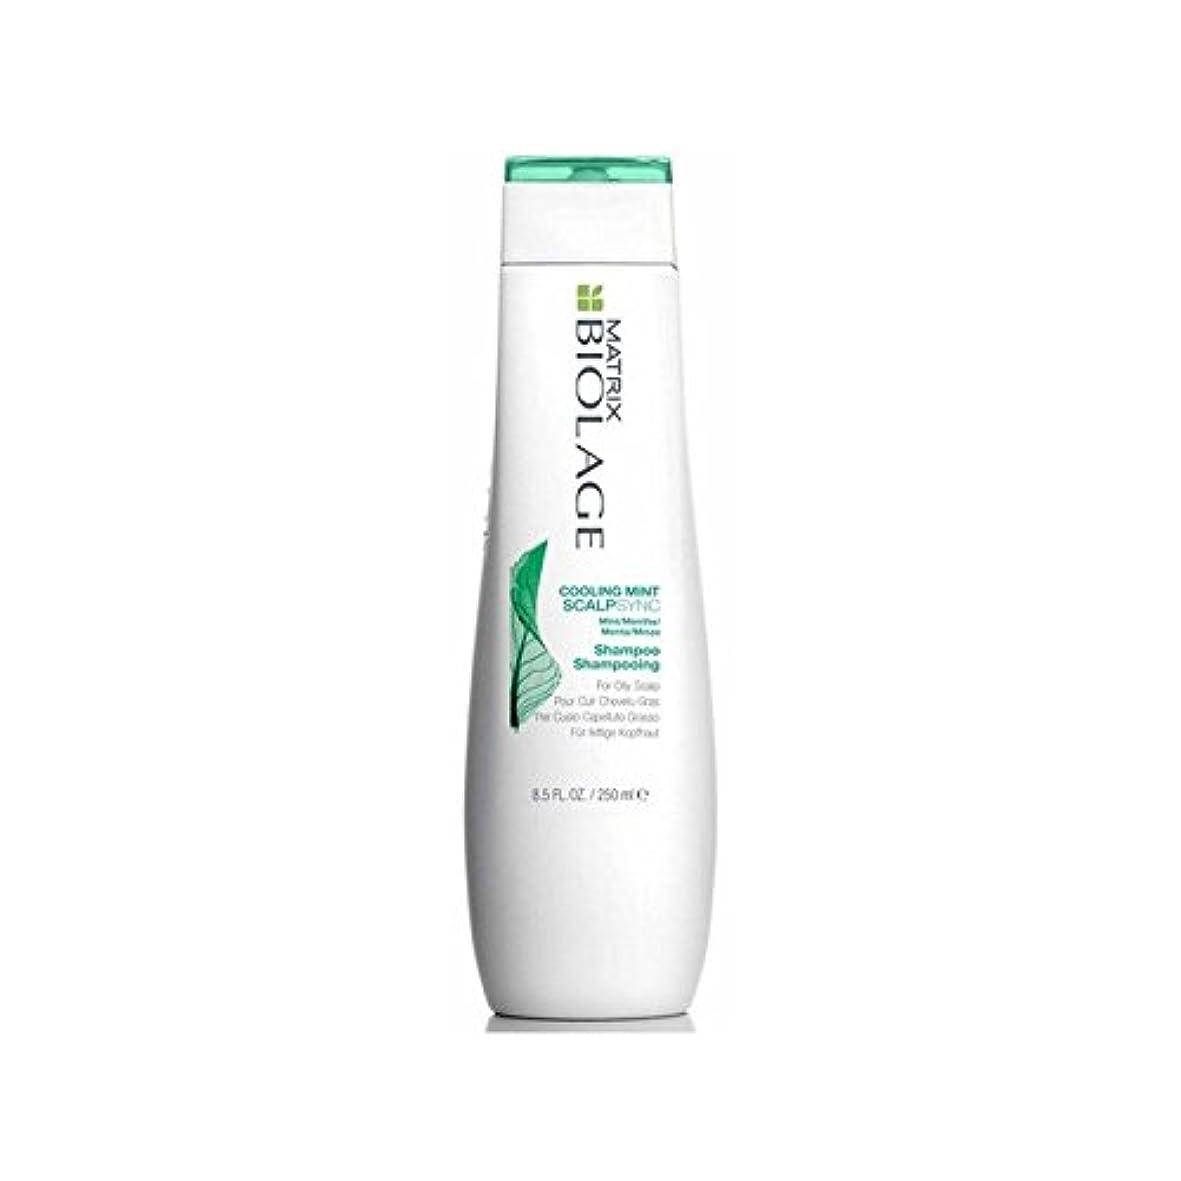 共同選択各反発Matrix Biolage Scalptherapie Scalp Cooling Mint Shampoo (250ml) - ミントシャンプー(250ミリリットル)を冷却マトリックスバイオレイジの頭皮 [並行輸入品]